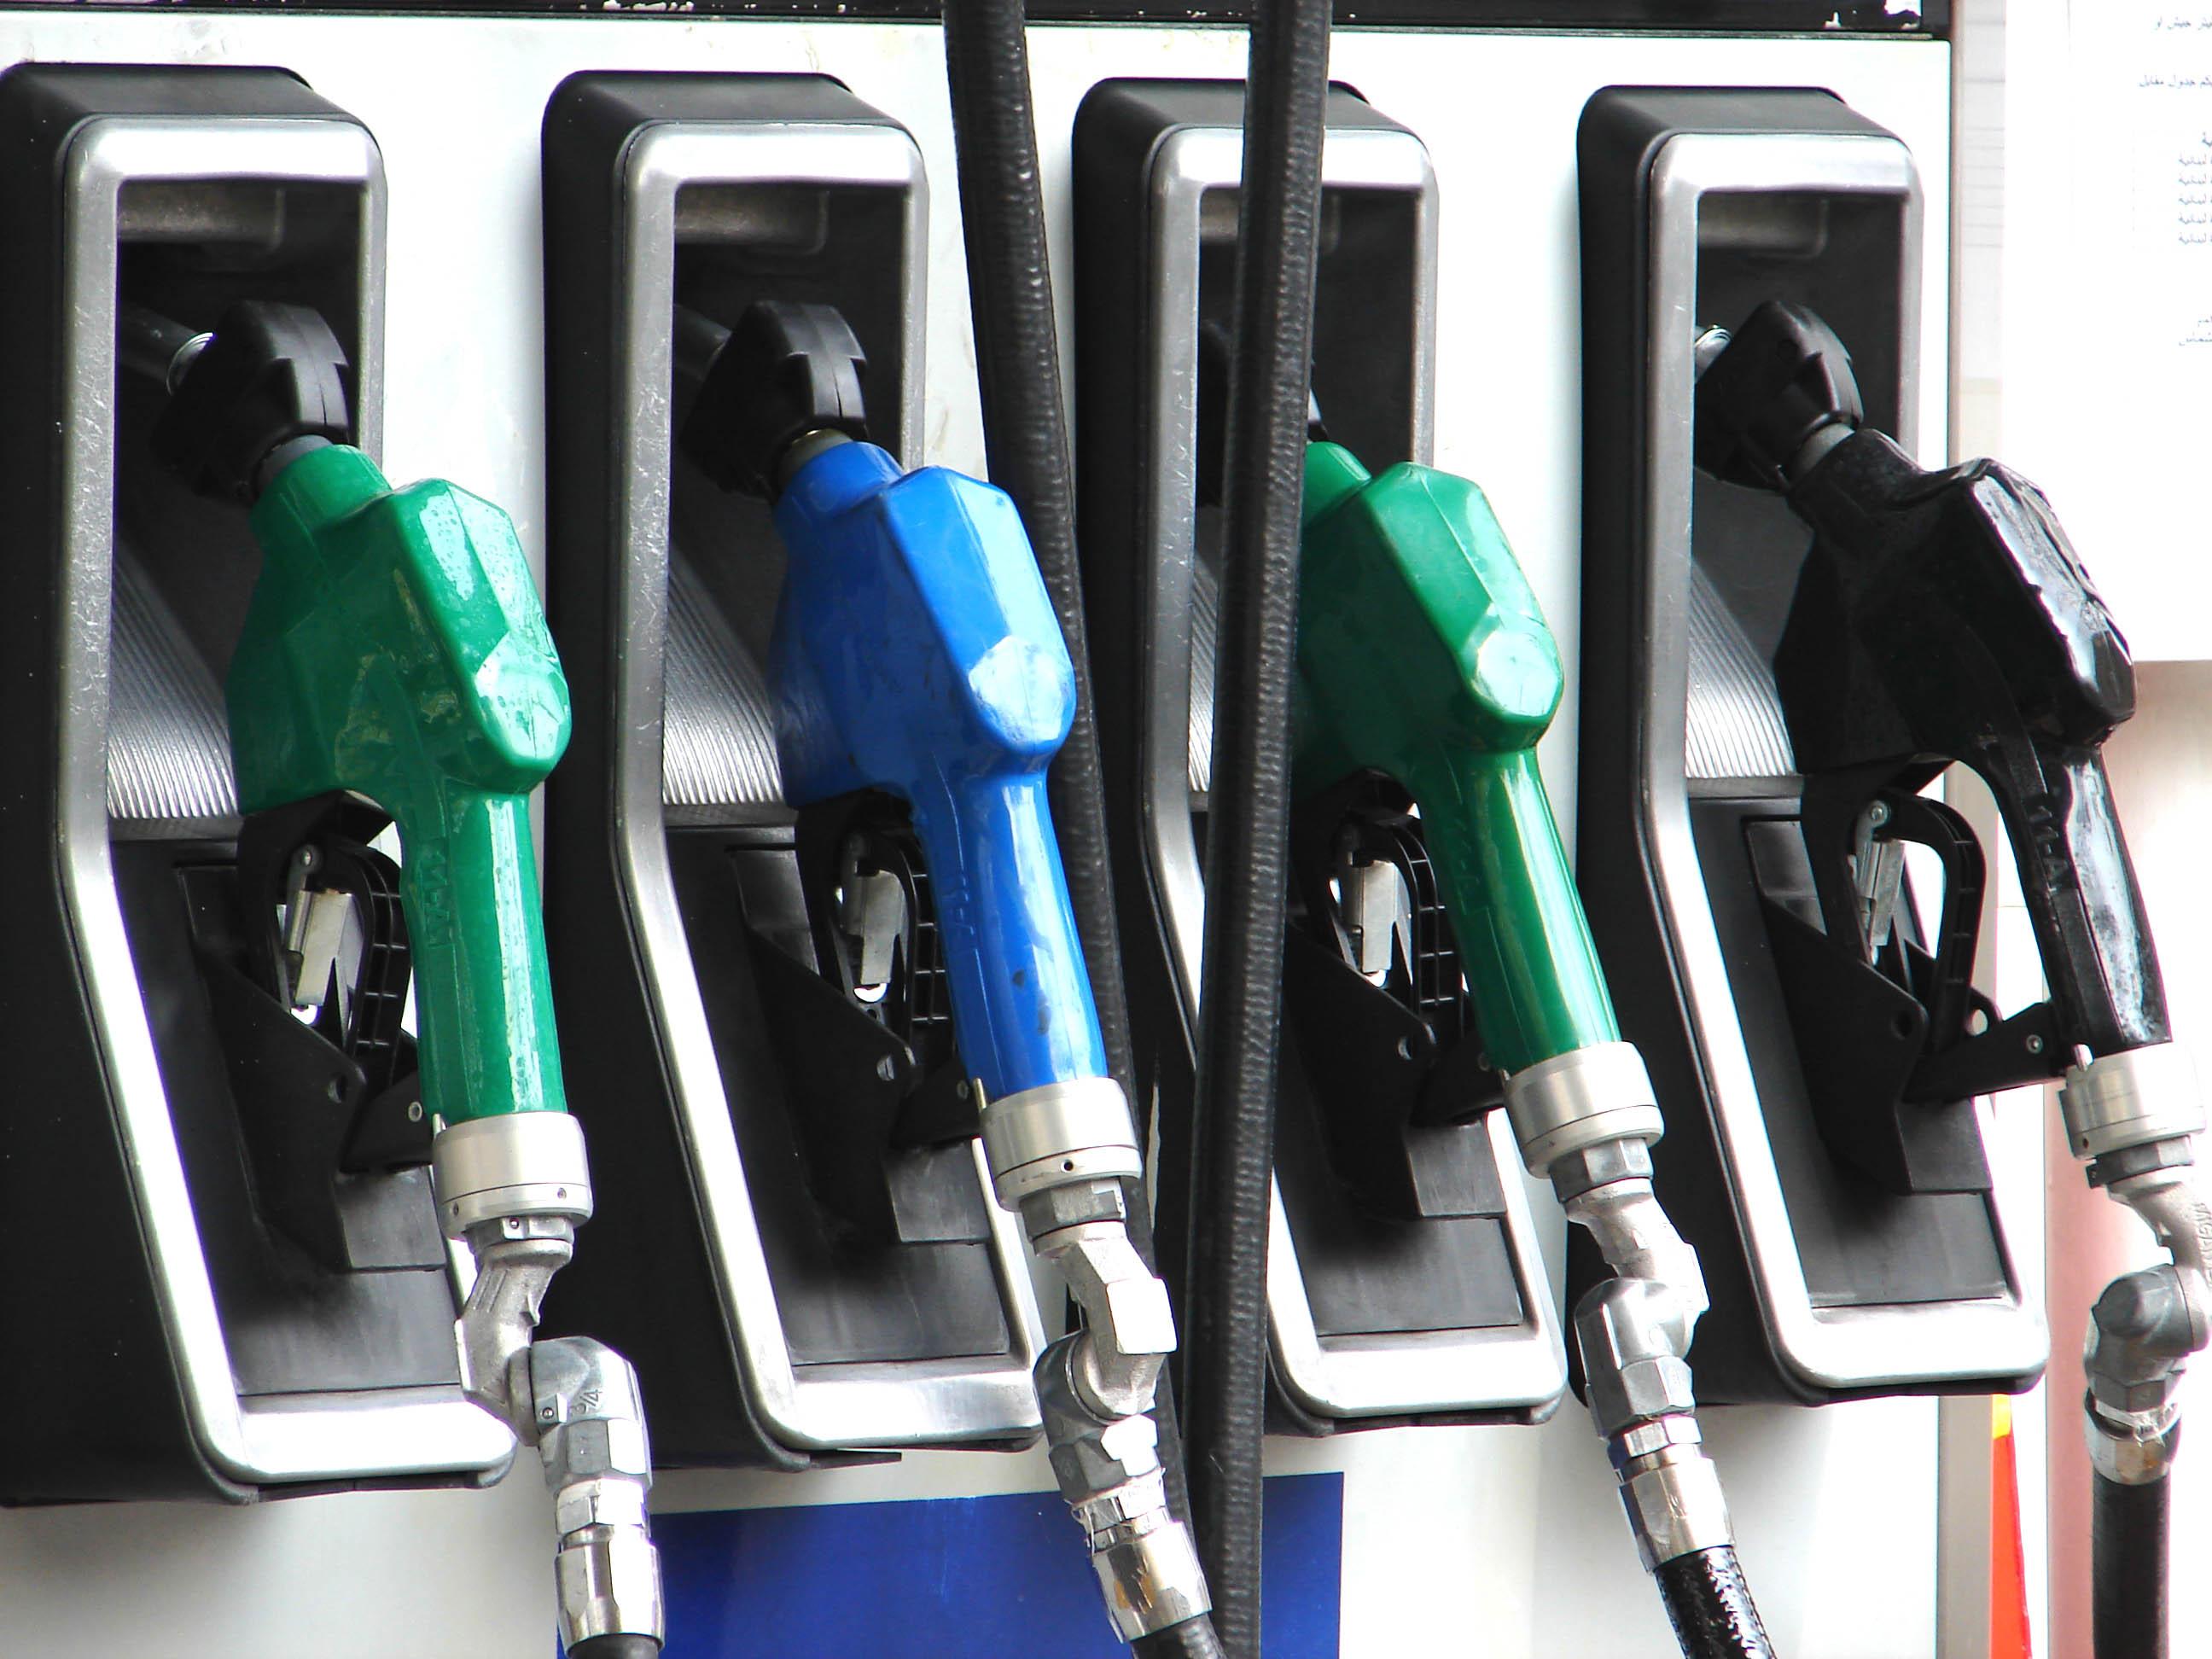 Autotrasporto: i costi di esercizio aggiornati per la fatturazione di aprile '18